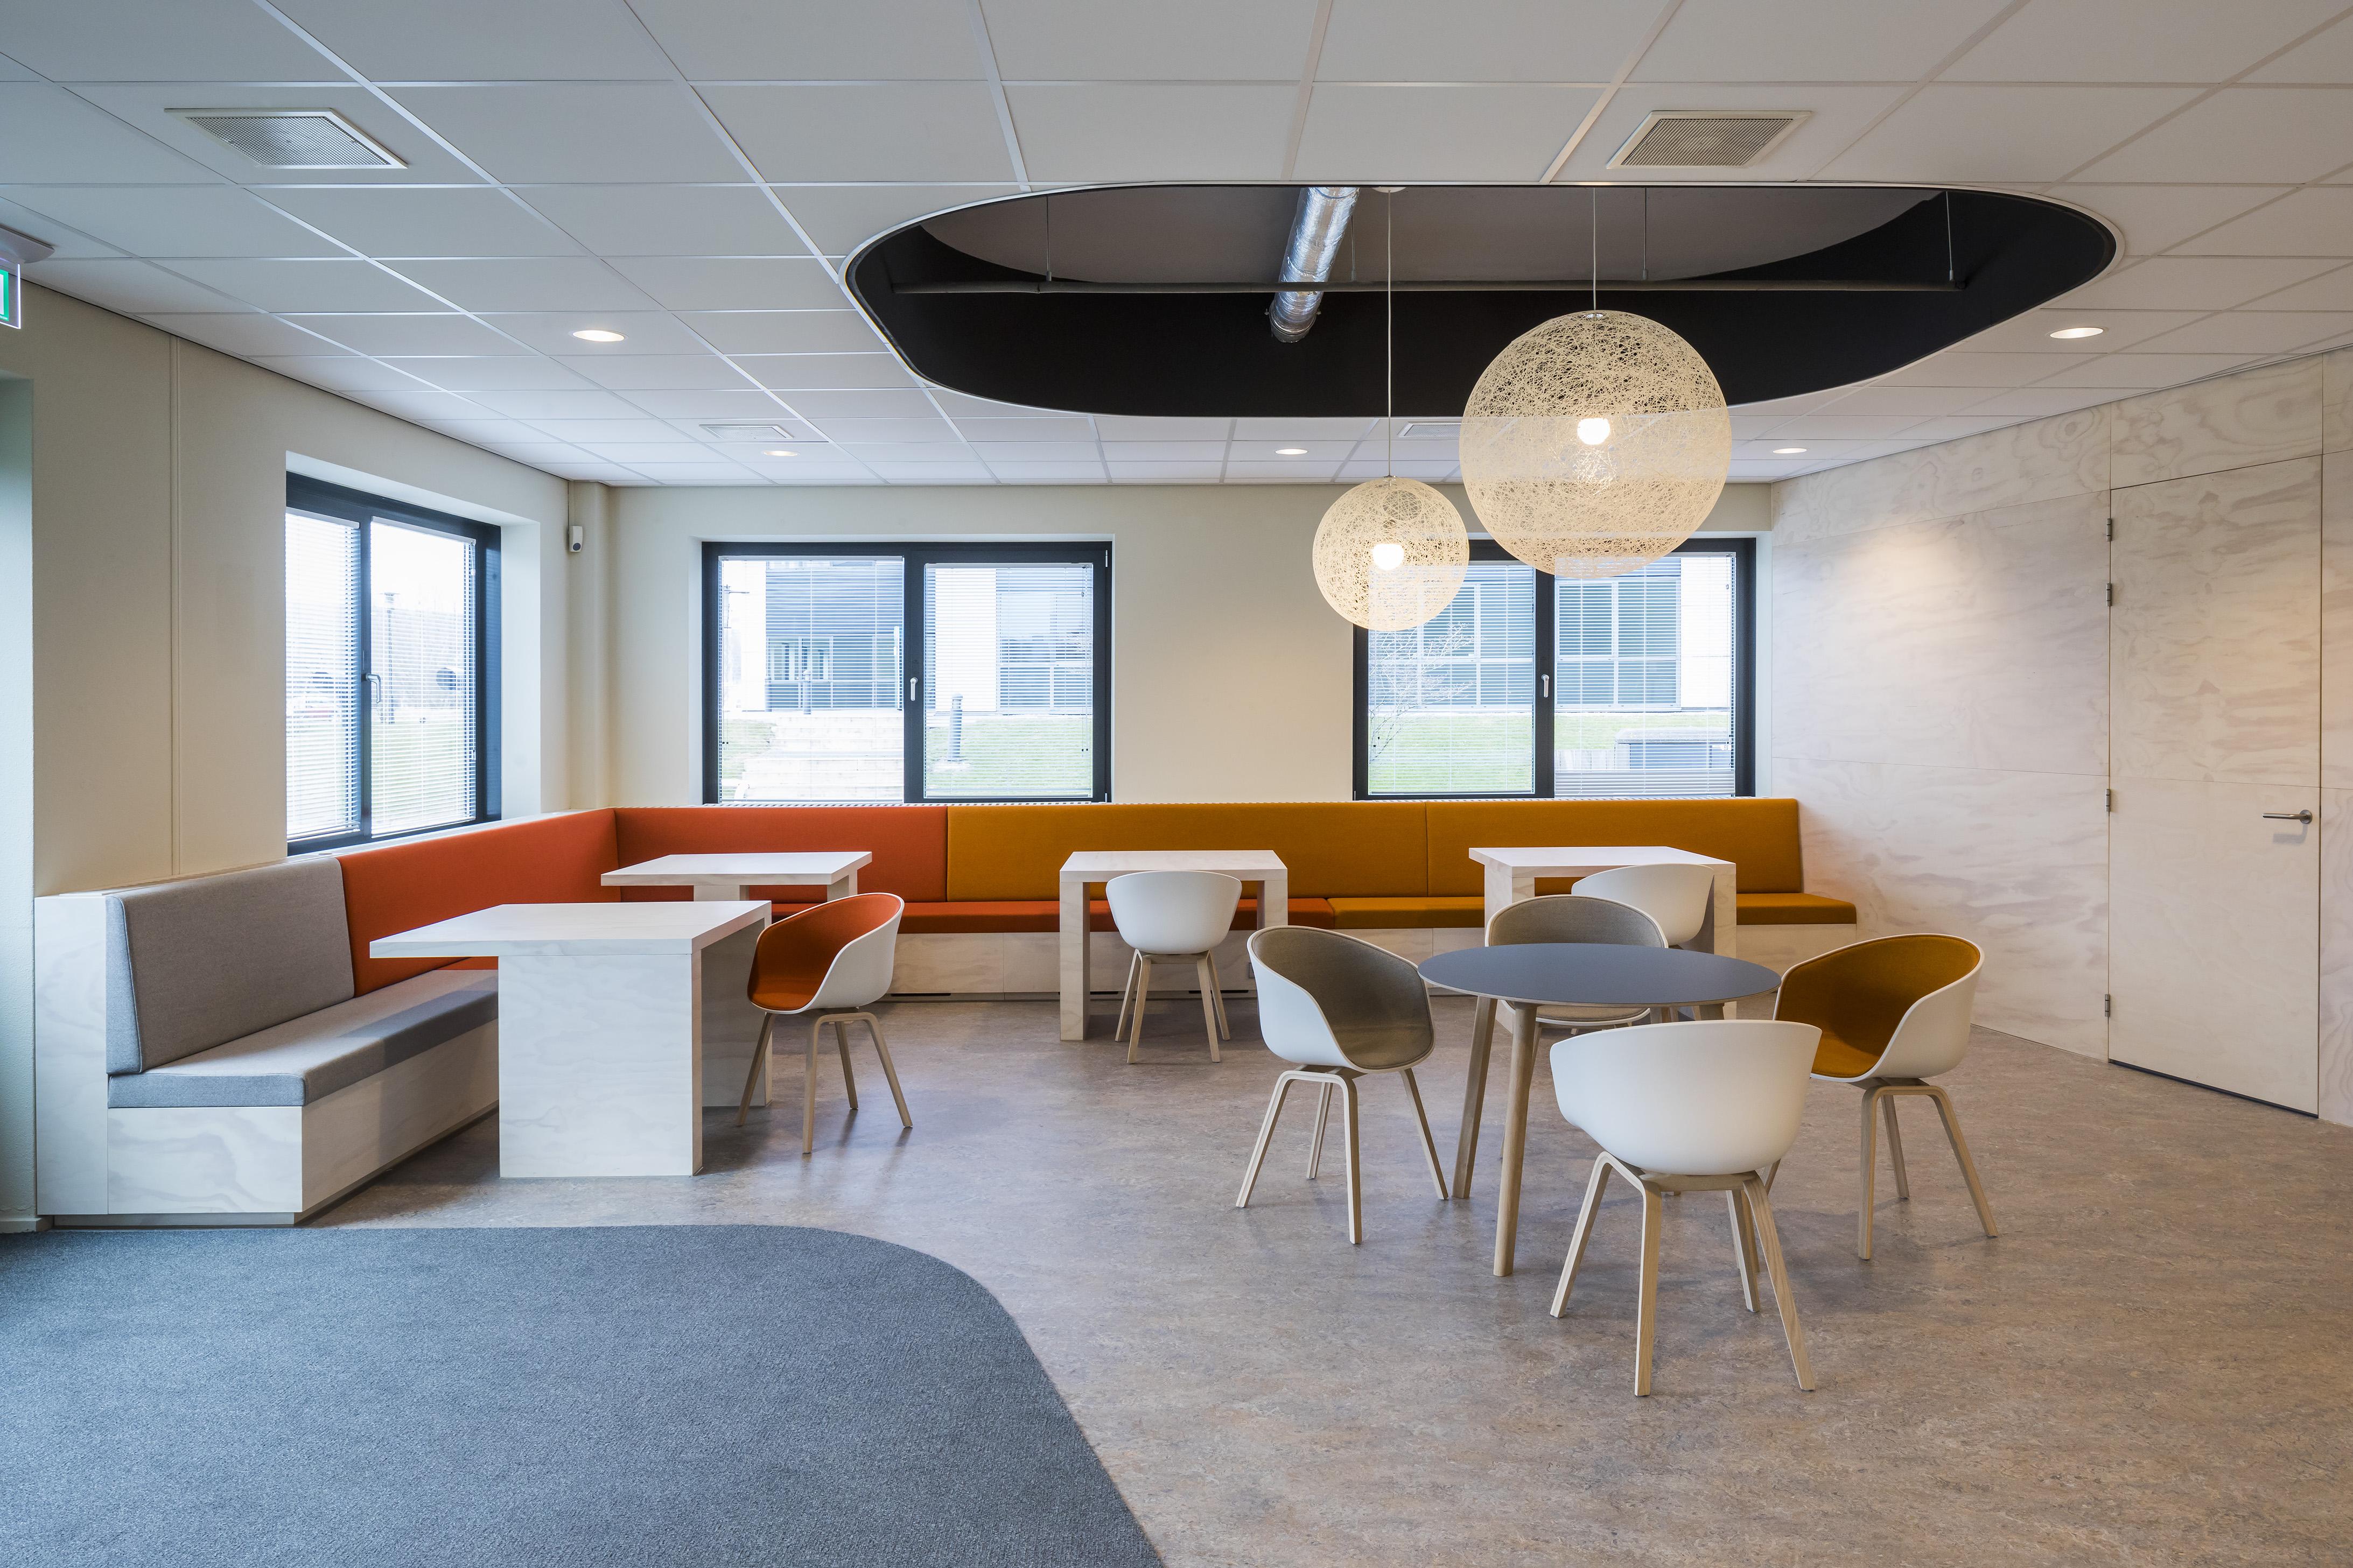 <p>helgasnelarchitecten, Fotografie: Daria Scagliola & Stijn Brakkee</p>